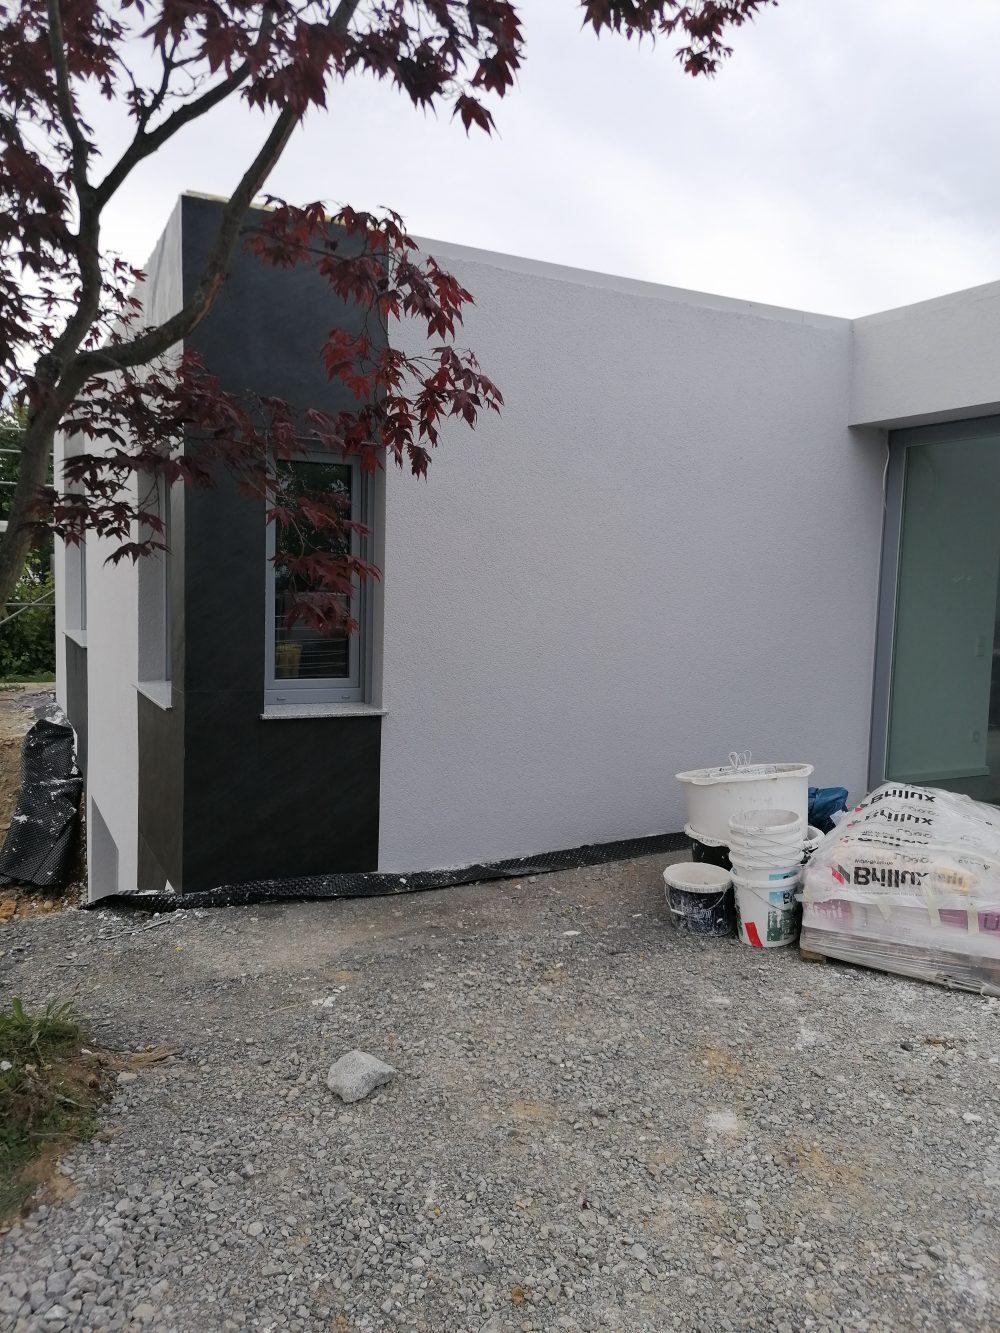 Schieferfurnier Wandverkleidung grau anthrazit Steinwand Wandgestaltung Steinfurnier Hausfassade